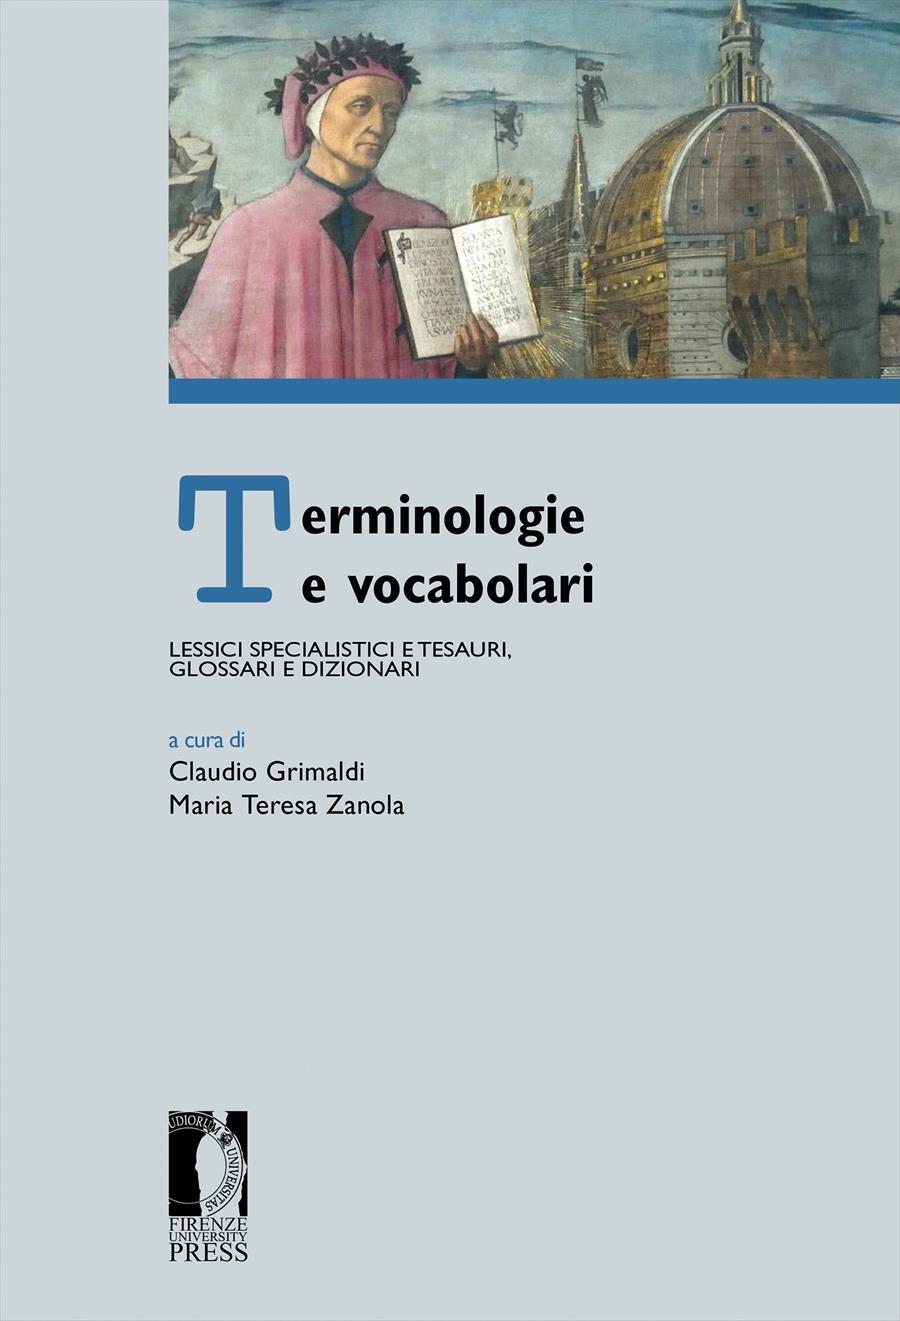 Terminologie e vocabolari